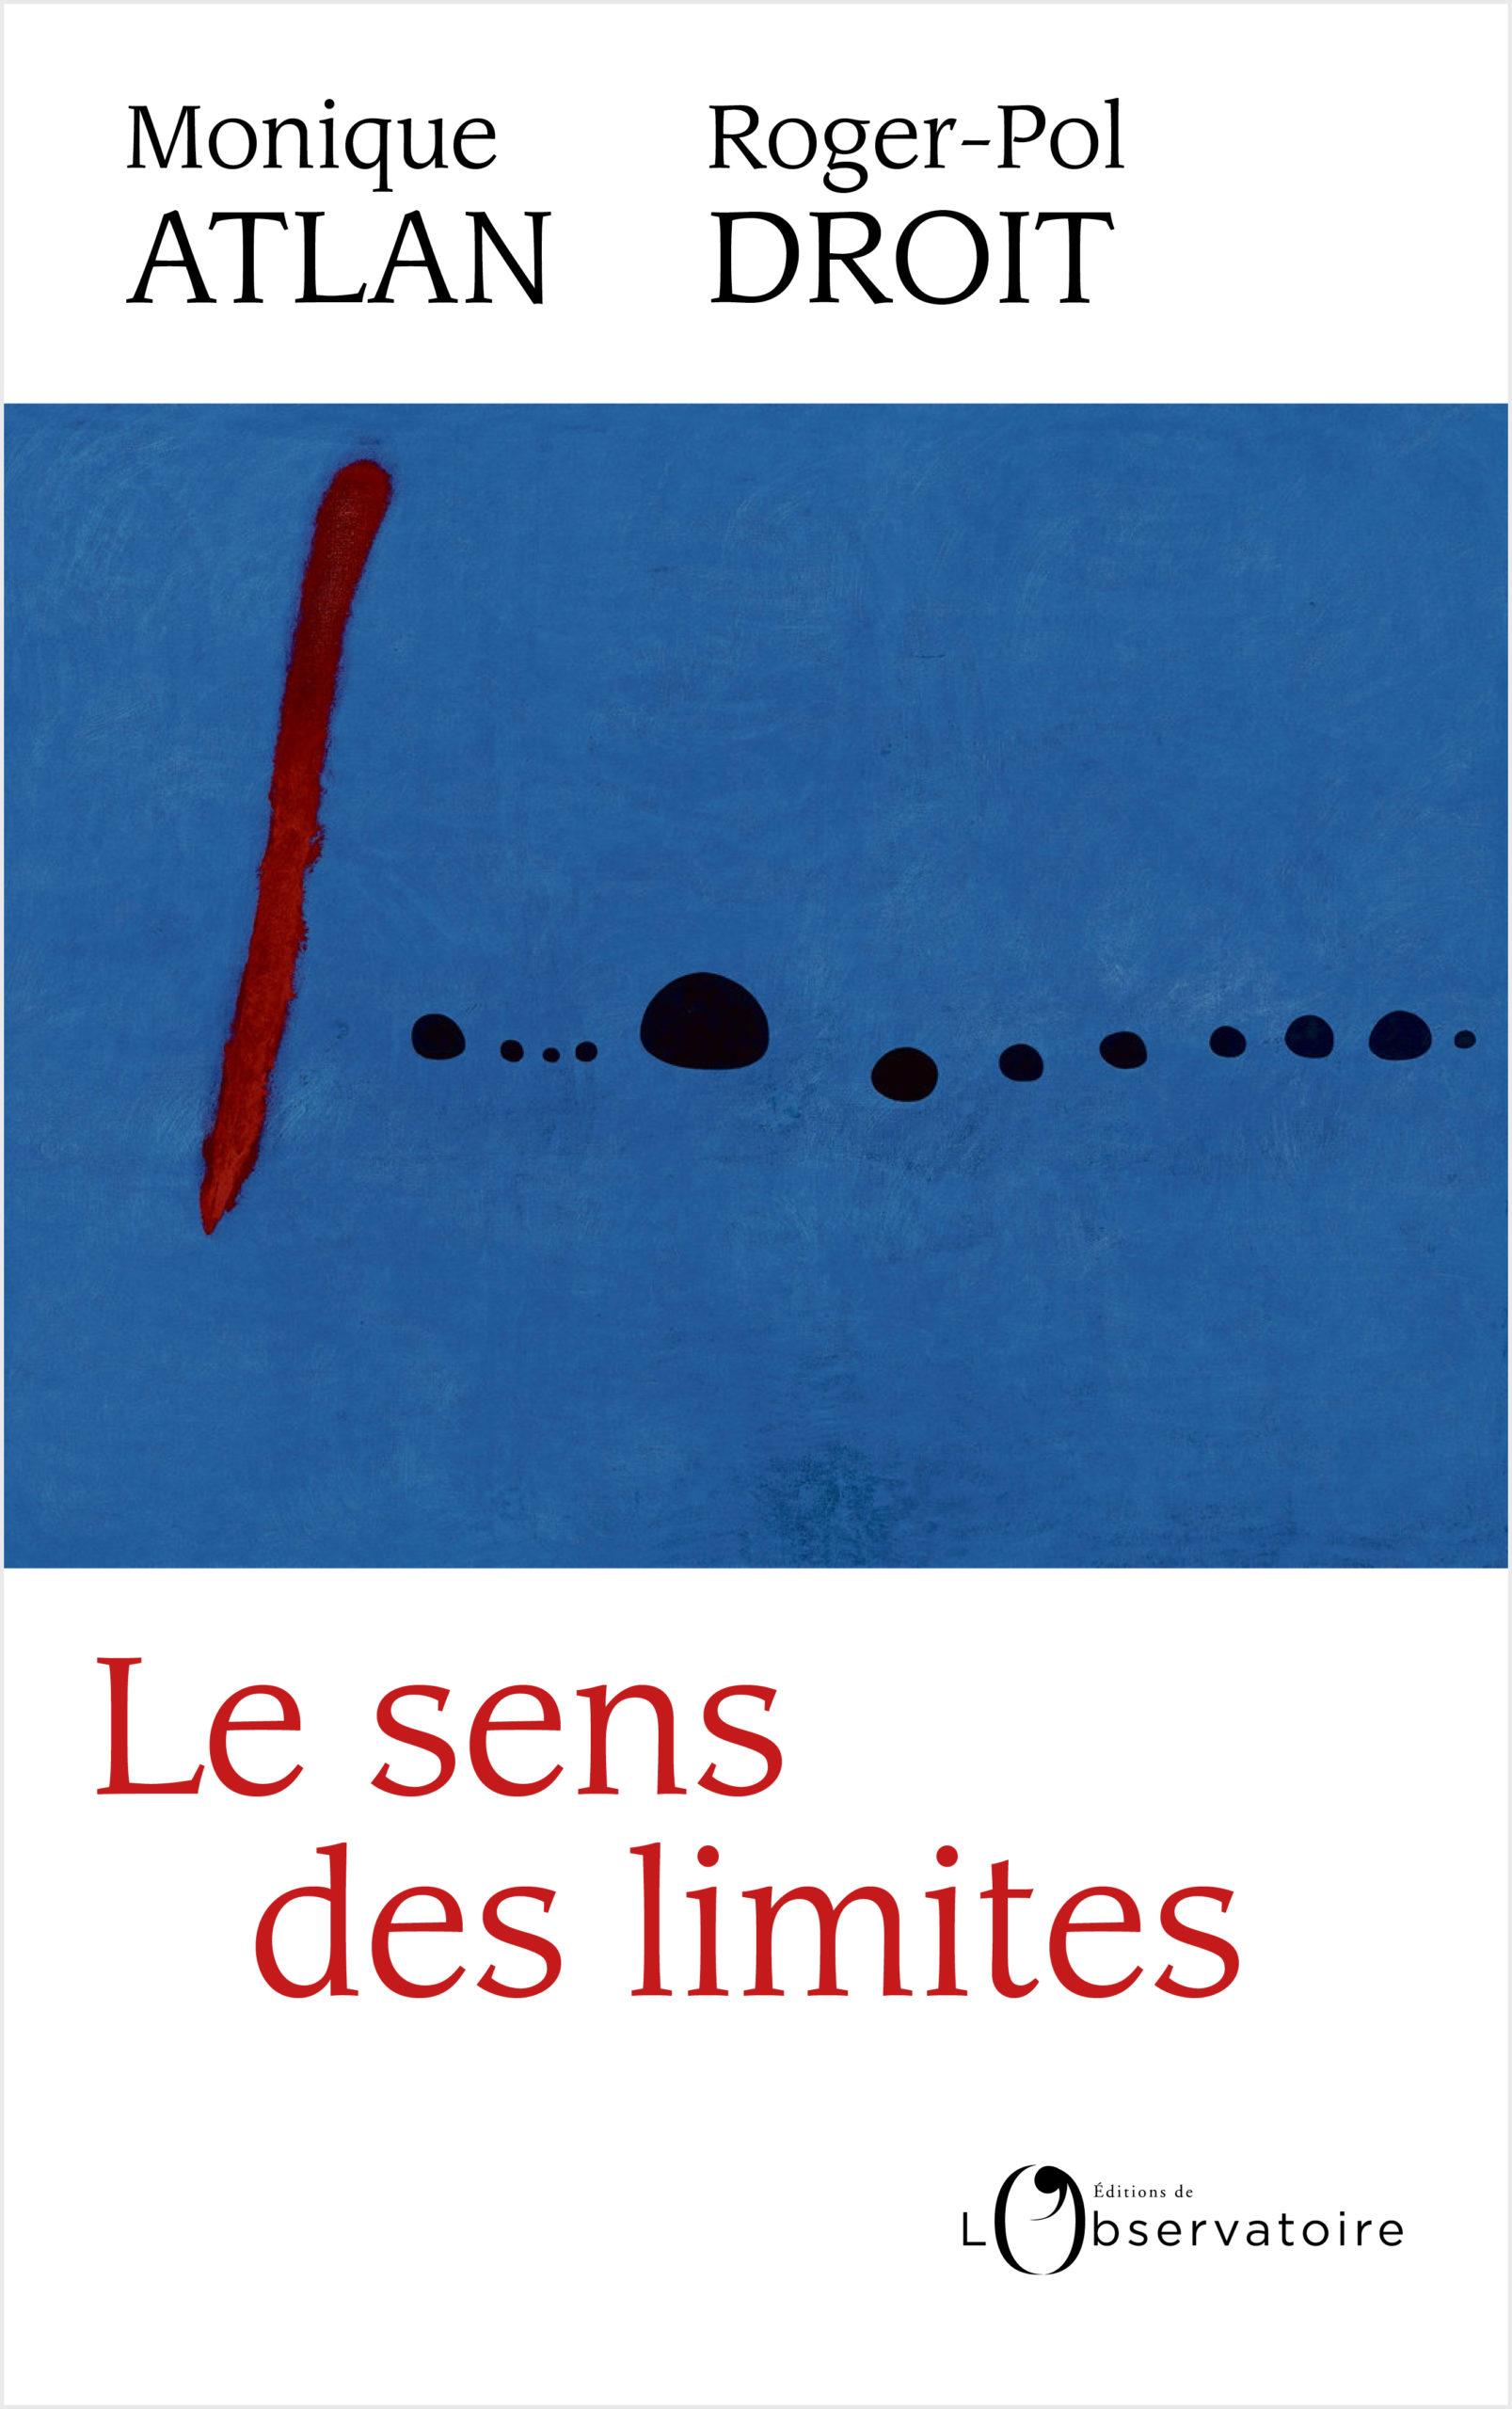 Livre - Le sens des limites